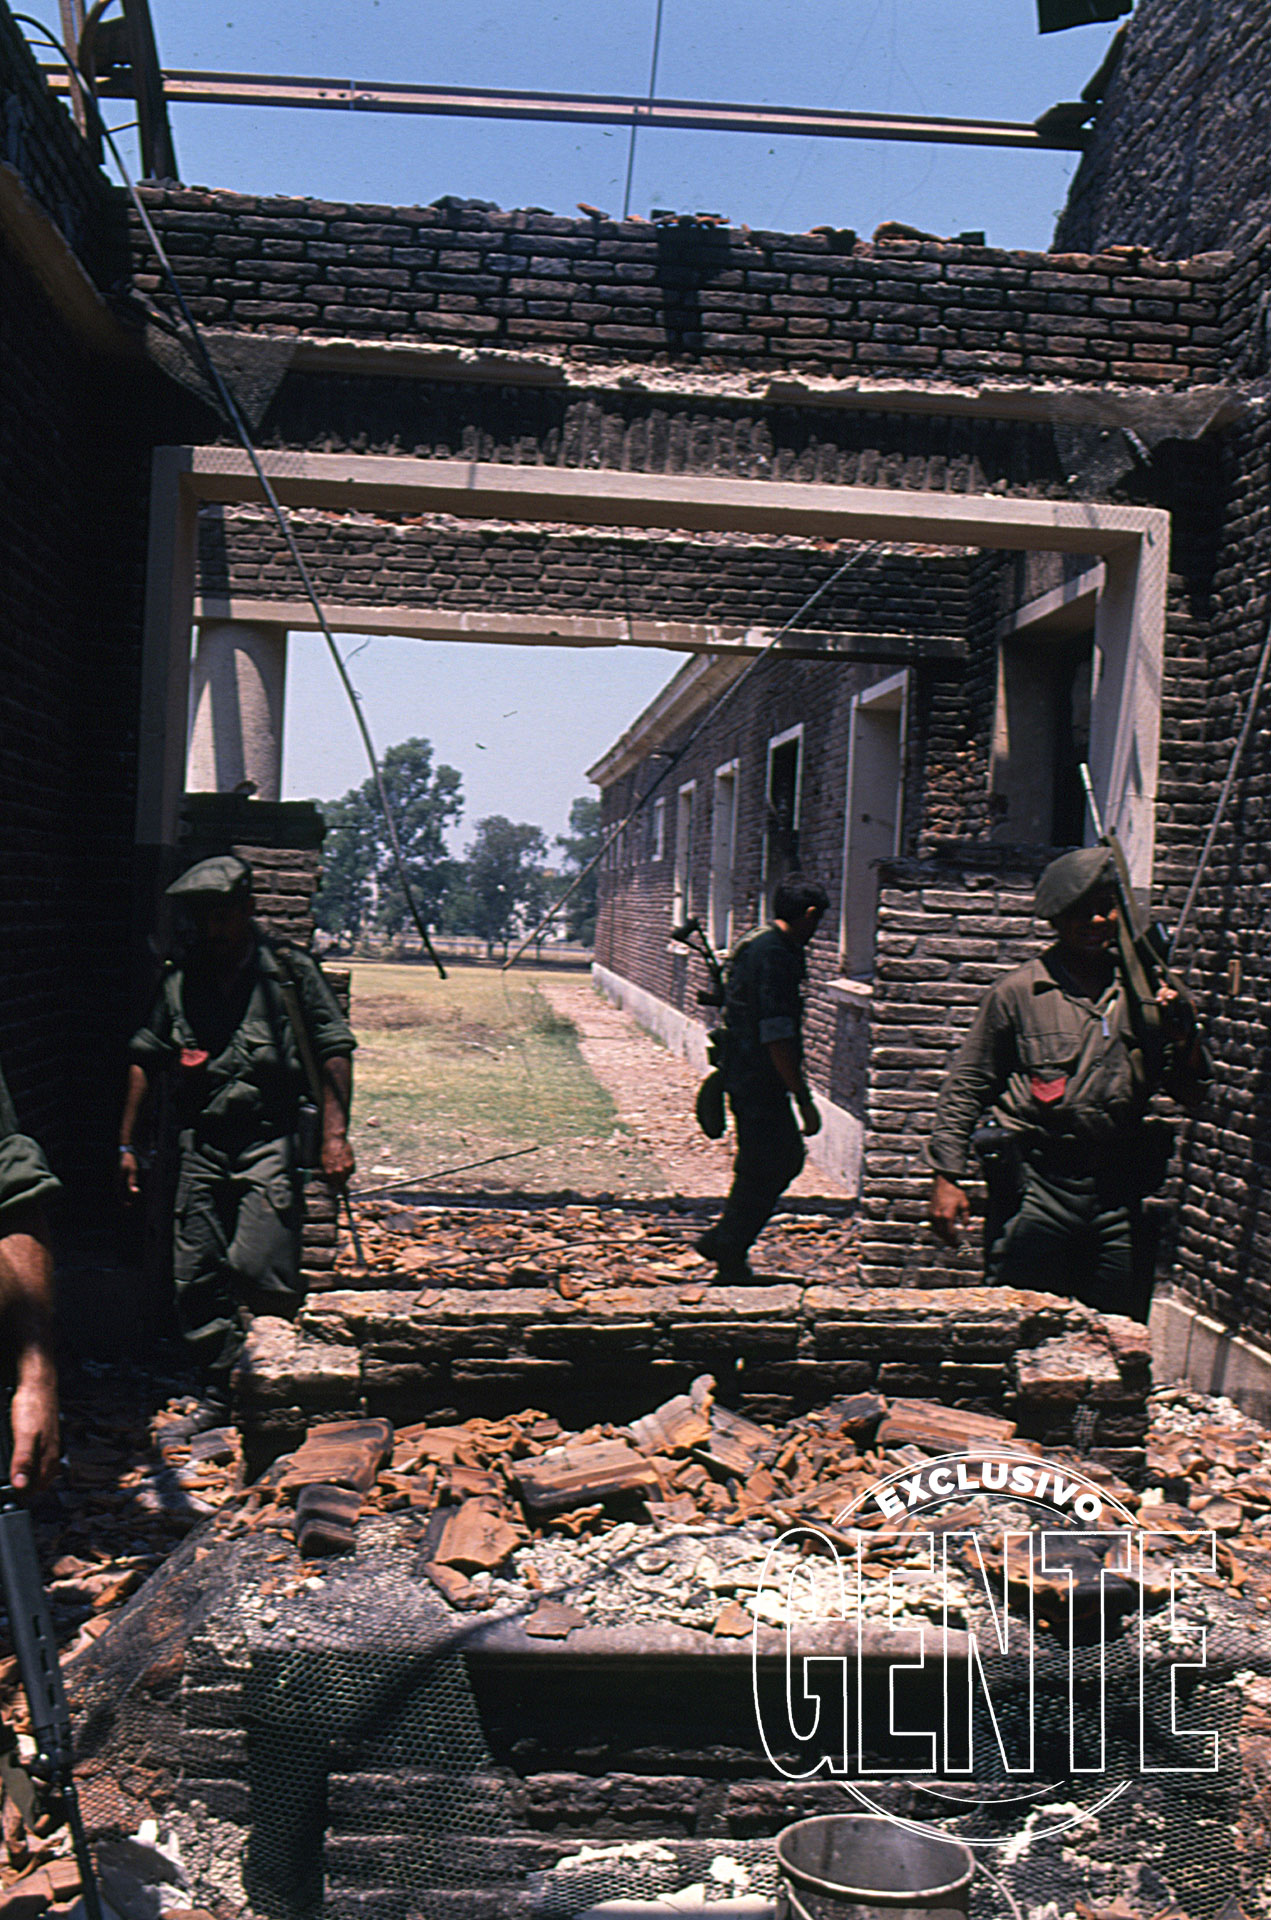 La rendición se produjo a las 9,10 de la mañana del martes 24. De inmediato, comandos especiales recorrieron las ruinas buscando guerrilleros escondidos.